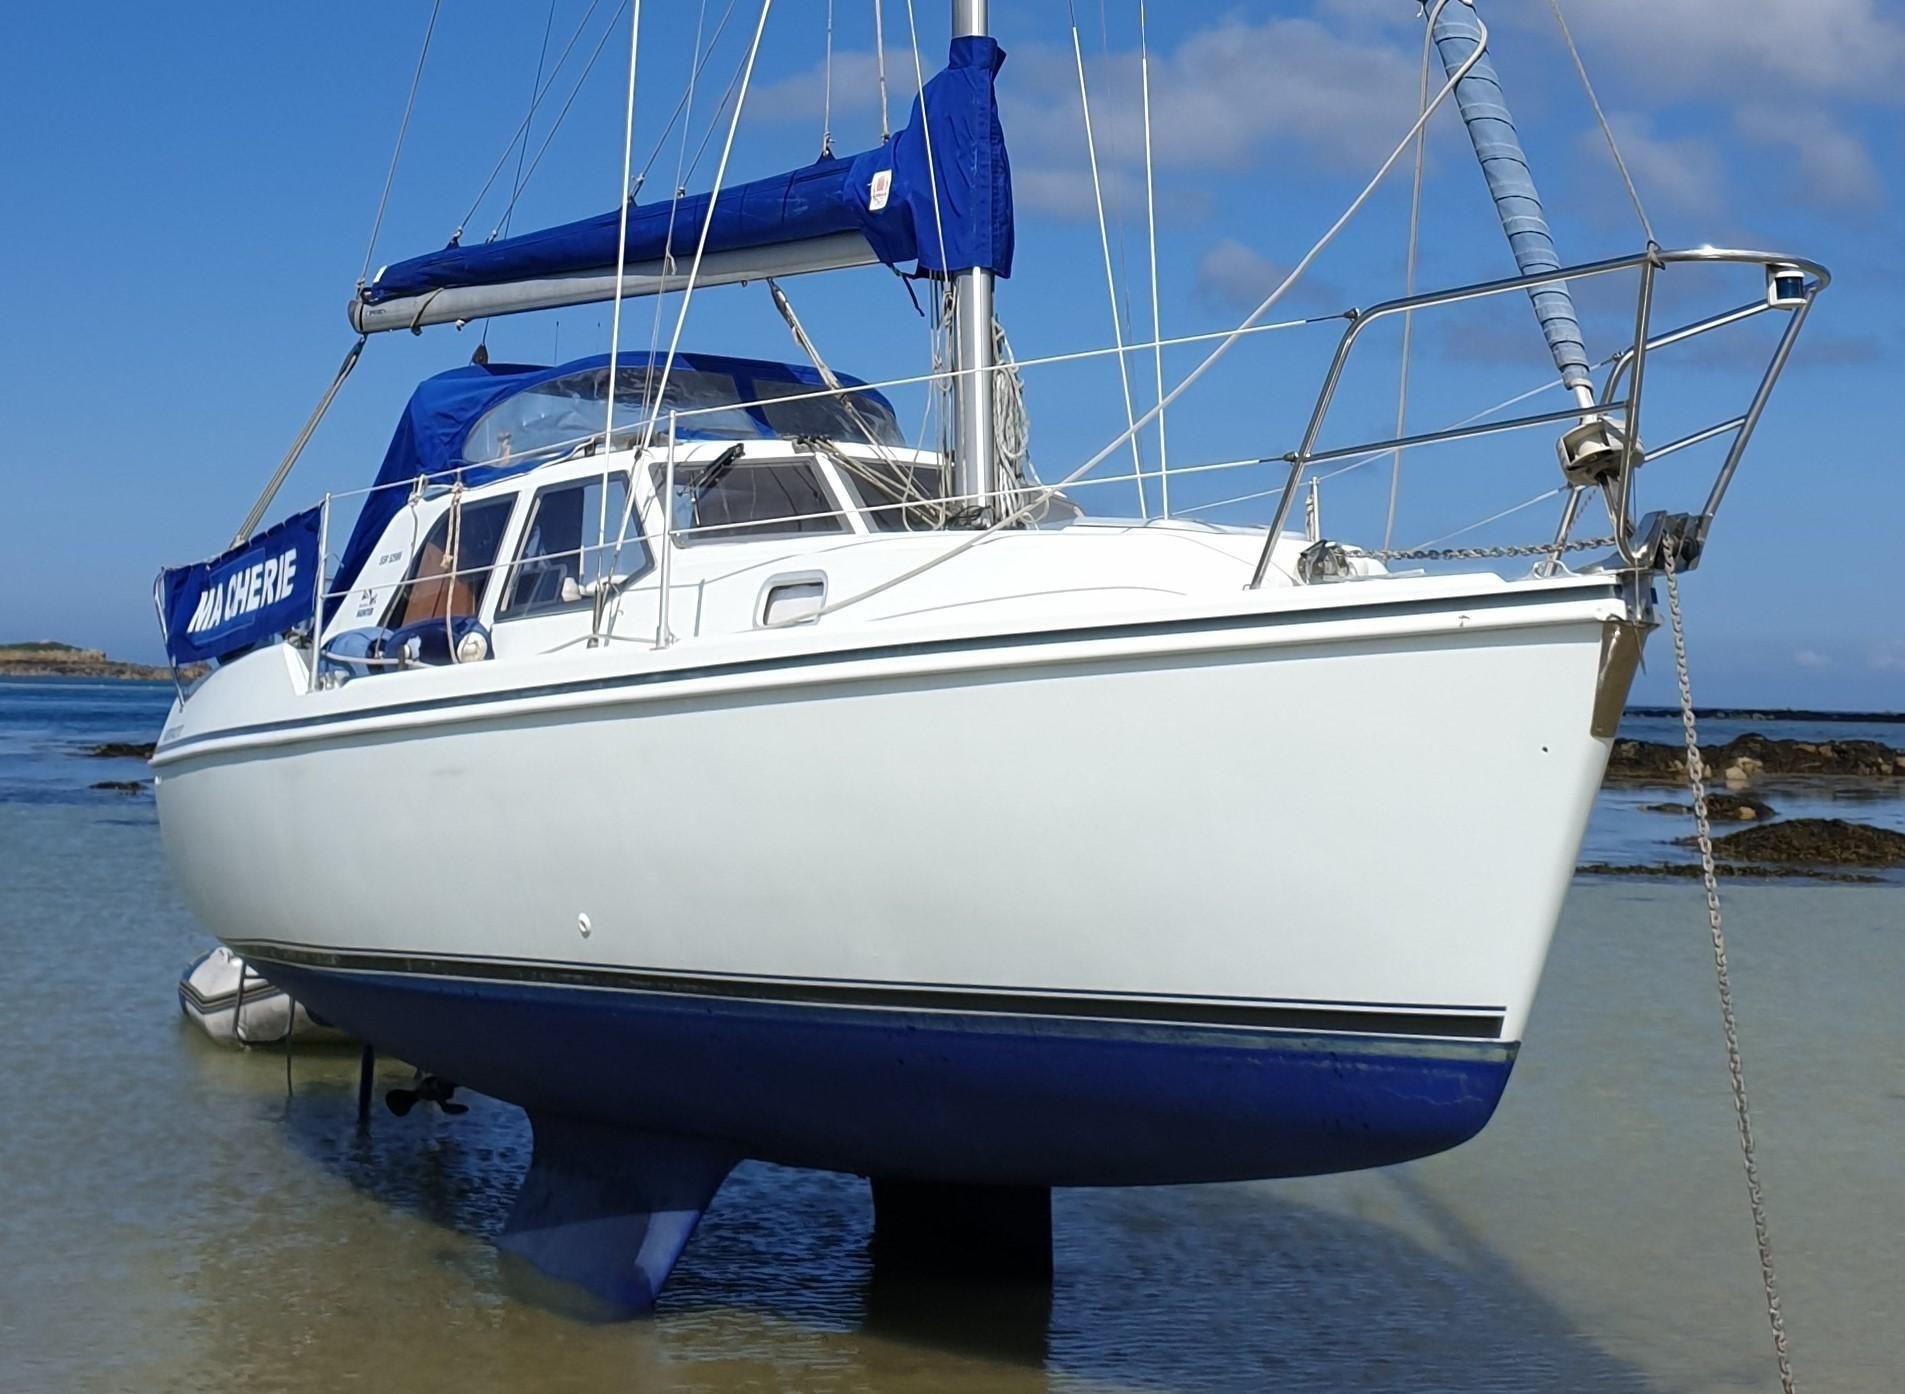 2002 Hunter Pilot 27 Cruiser for sale - YachtWorld